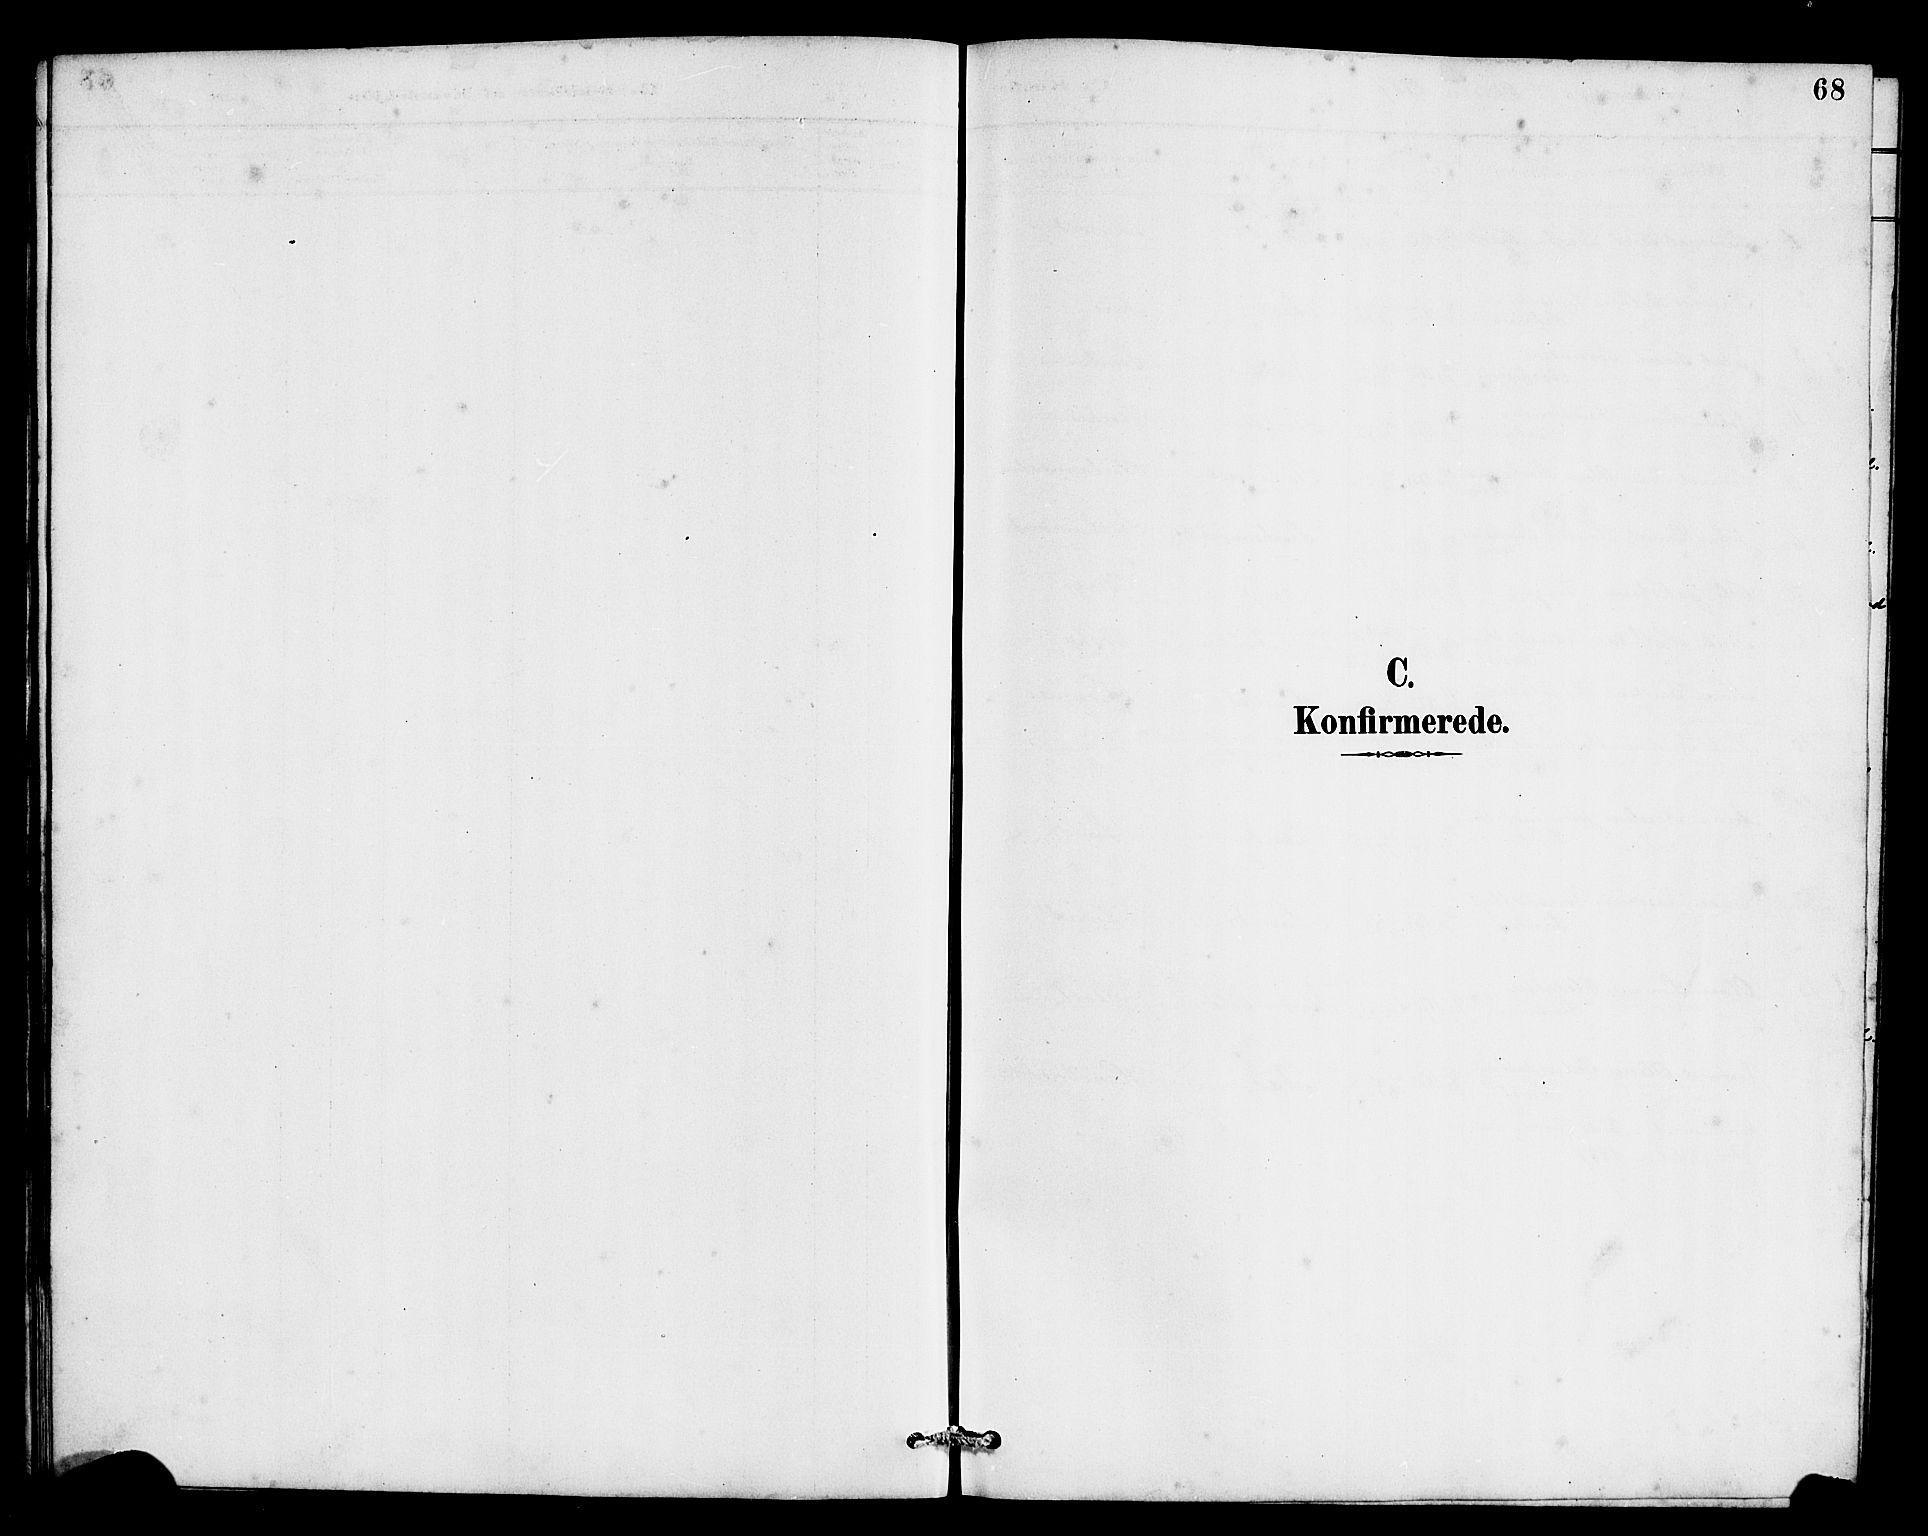 SAB, Eid Sokneprestembete, H/Hab: Klokkerbok nr. C 2, 1887-1906, s. 68